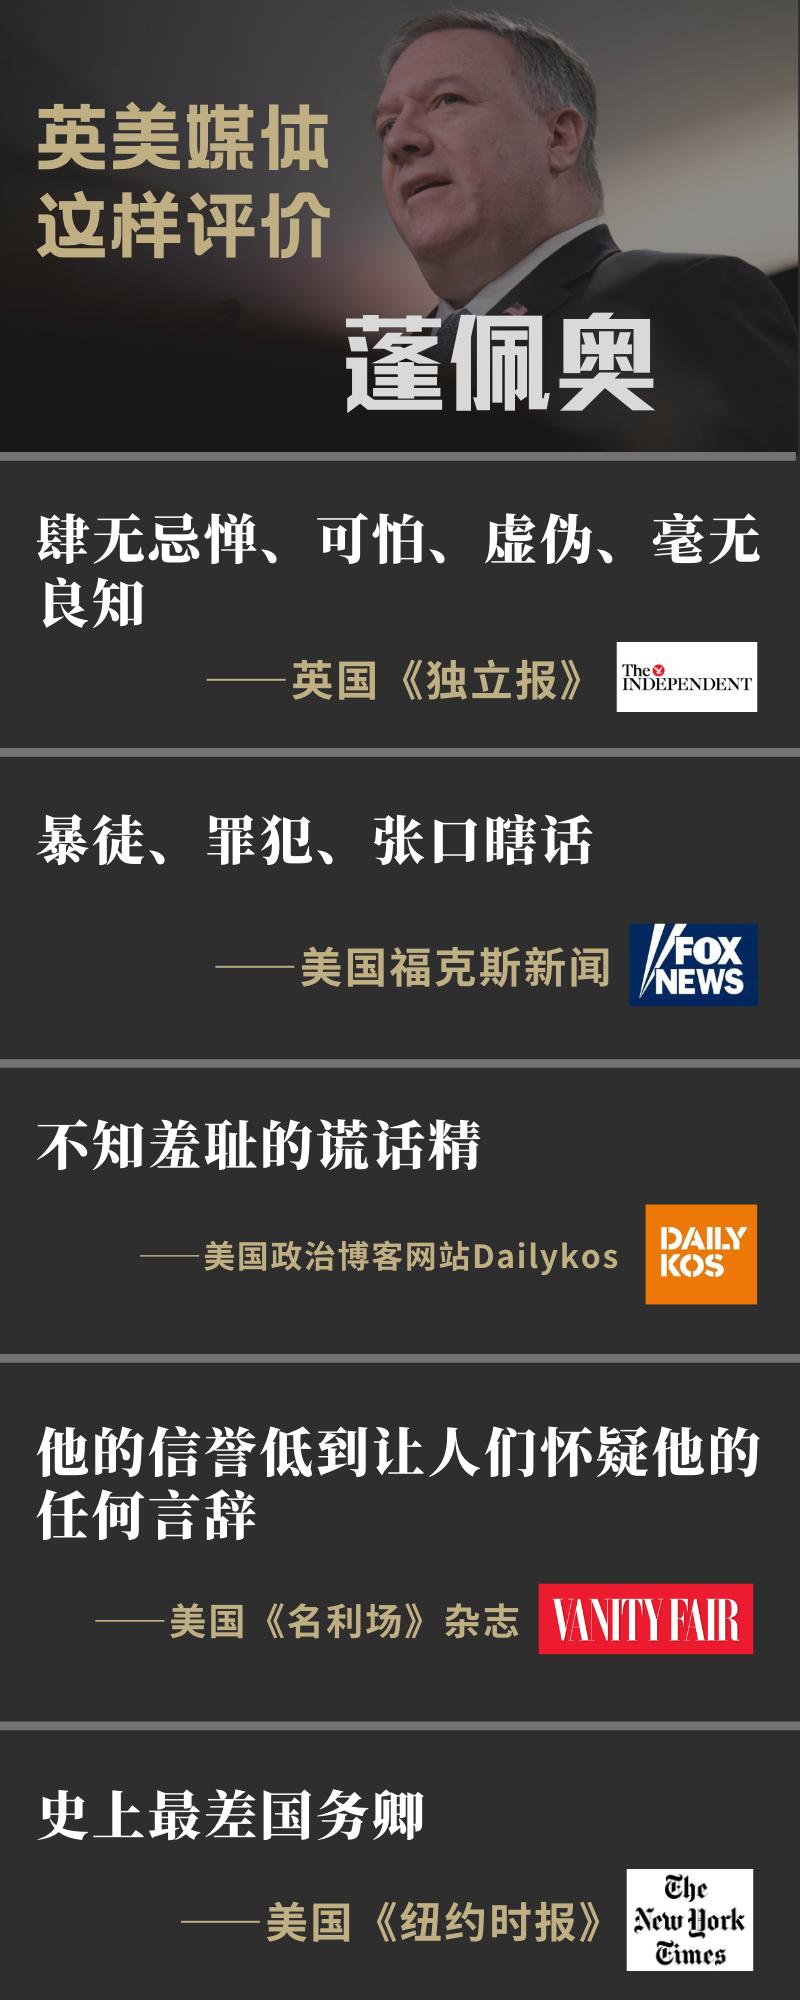 """绍兴纺织:张口瞎话,云云国务卿被批""""史上最差"""" 第3张"""